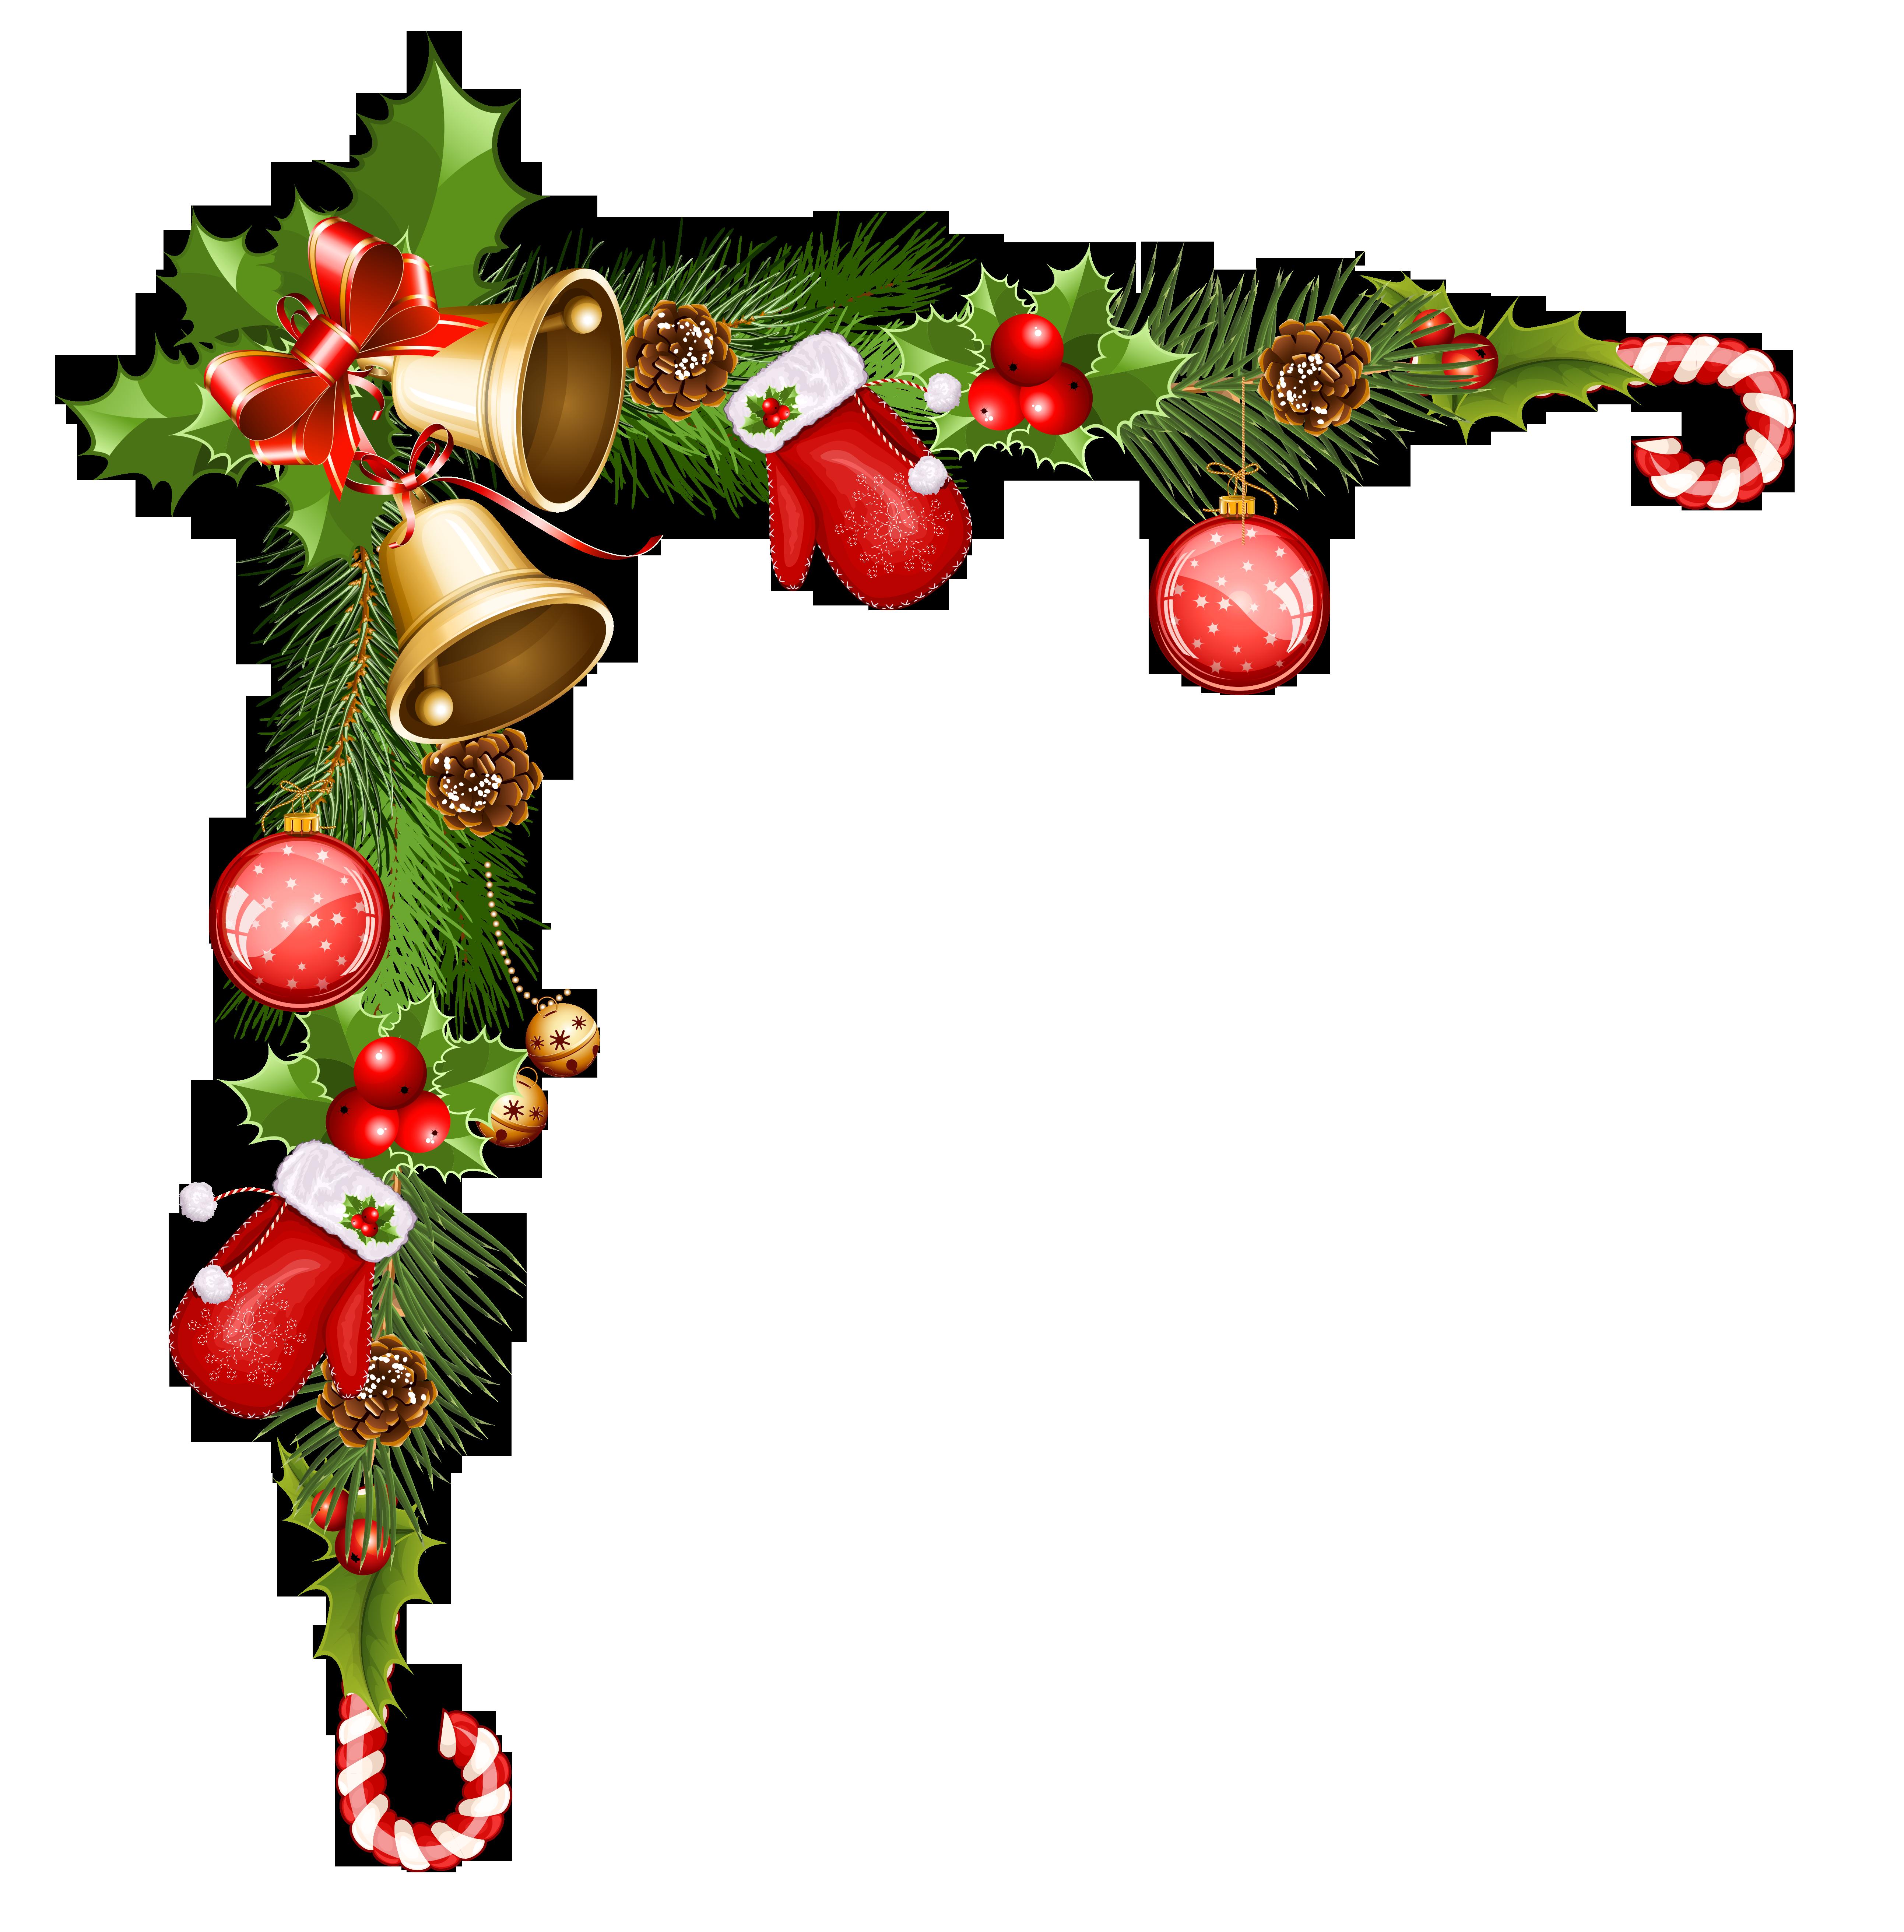 Christmas corner border clipart stock Christmas Corner Decoration Clipart - Sandal Wadon stock